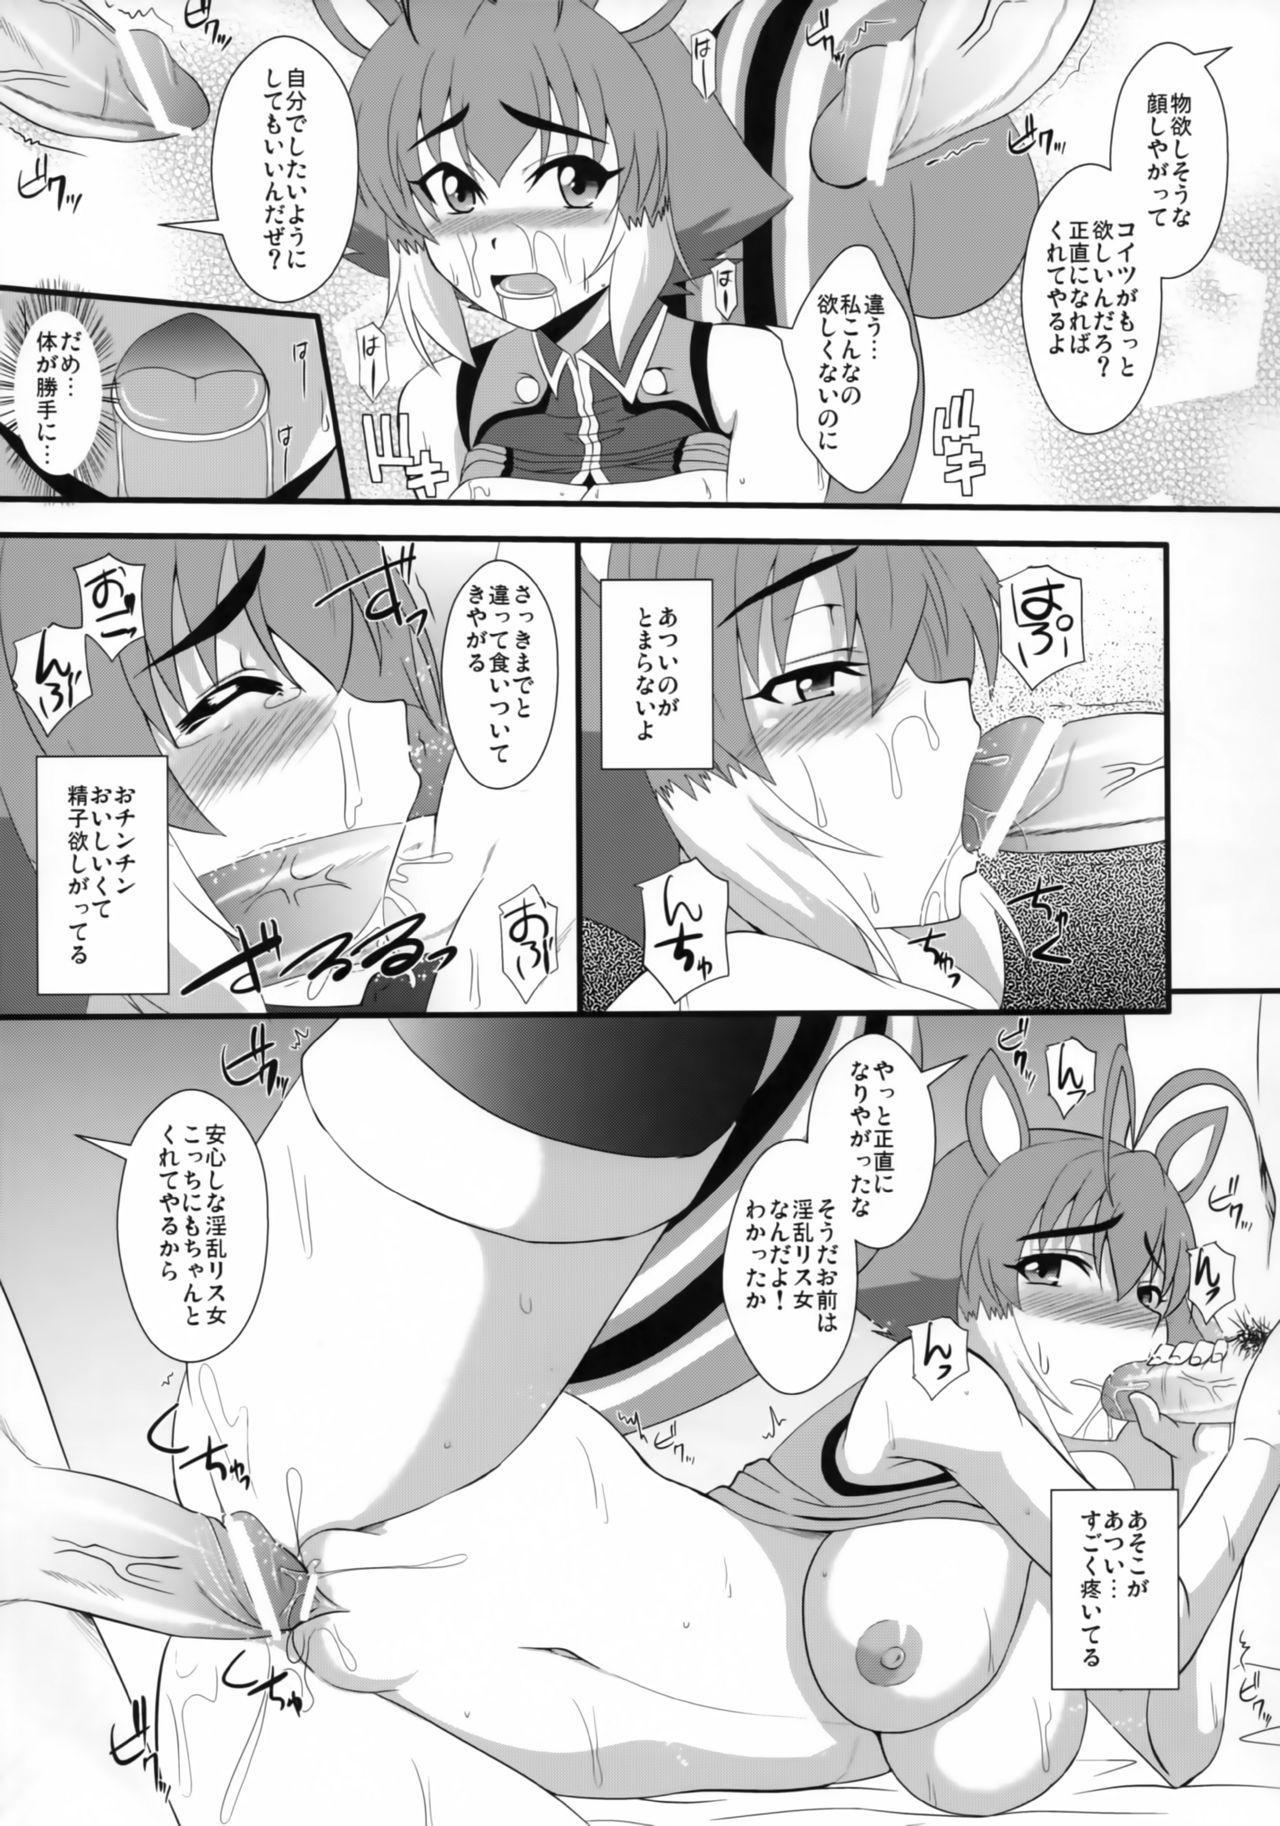 Shimarisu no Cream 9